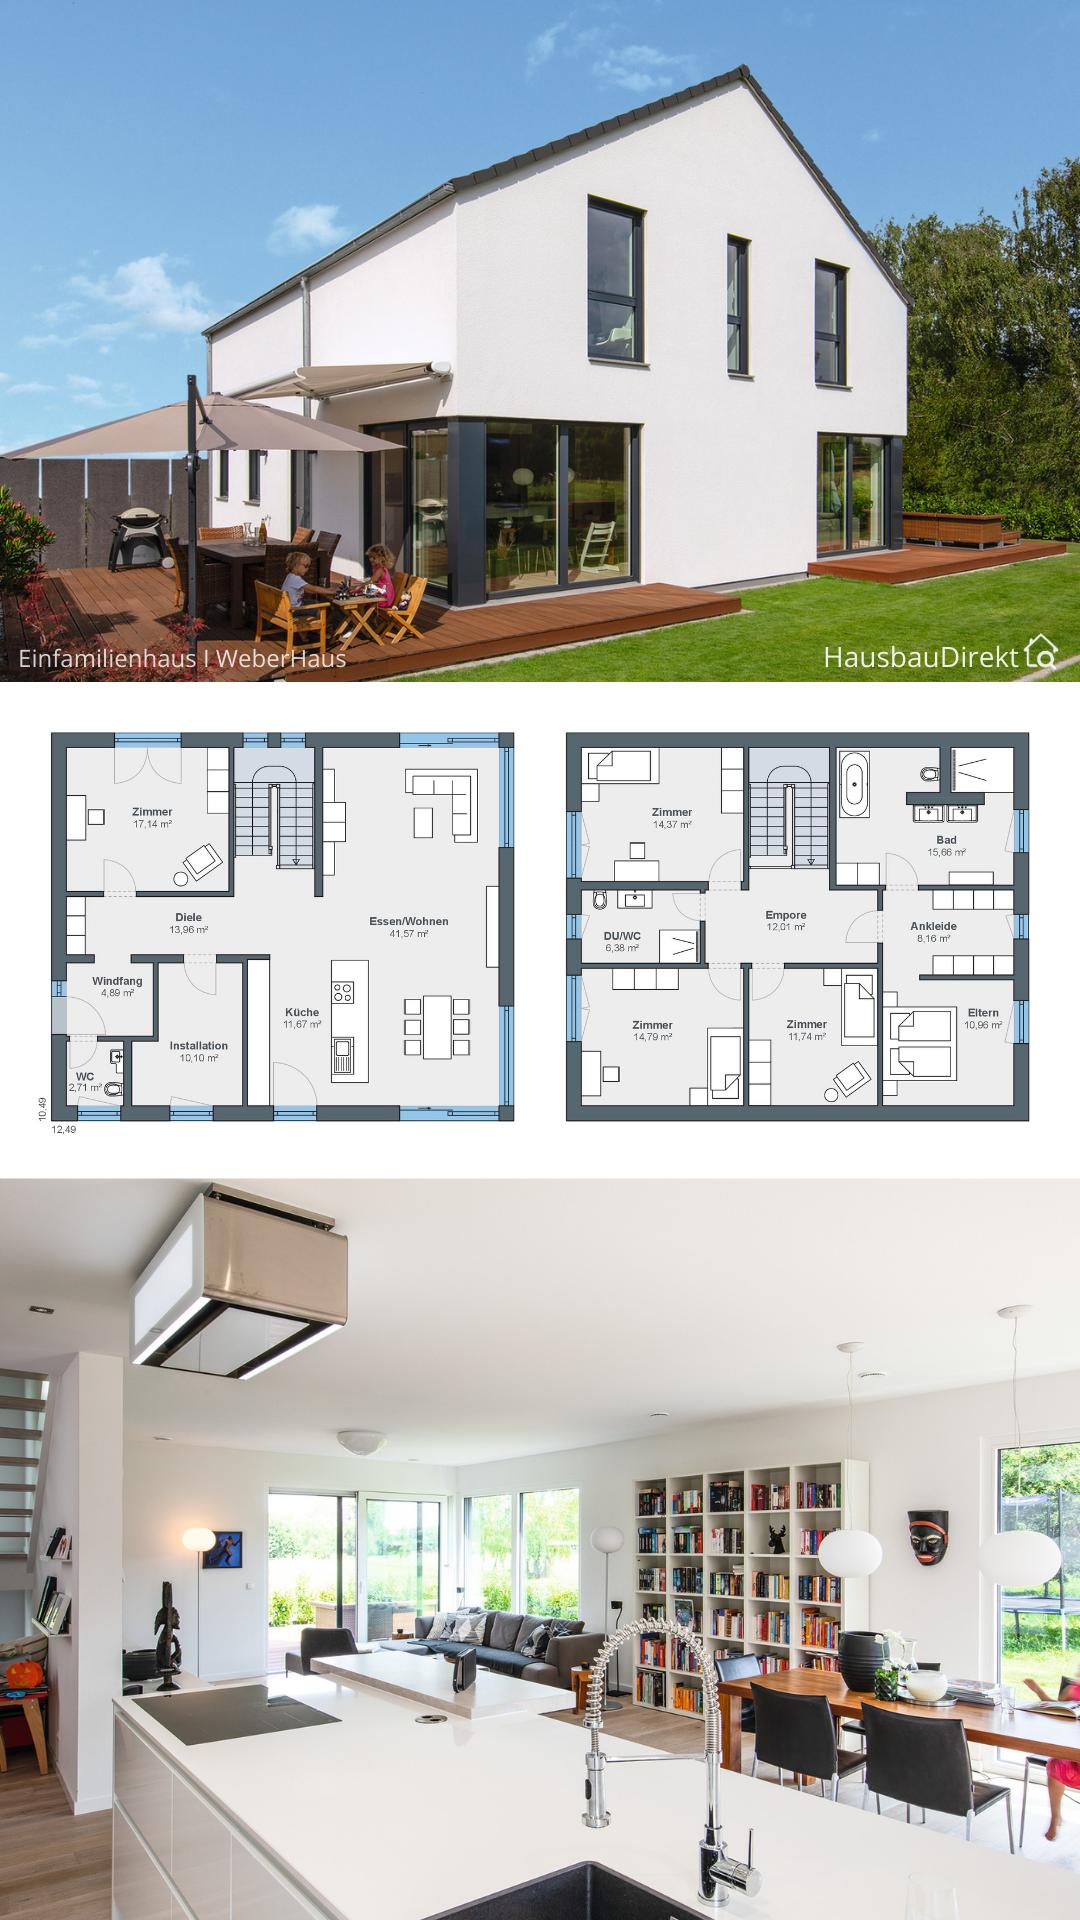 Modernes Haus mit Satteldach ohne Dachüberstand & Garage bauen Einfamilienhaus Grundriss Fertighaus